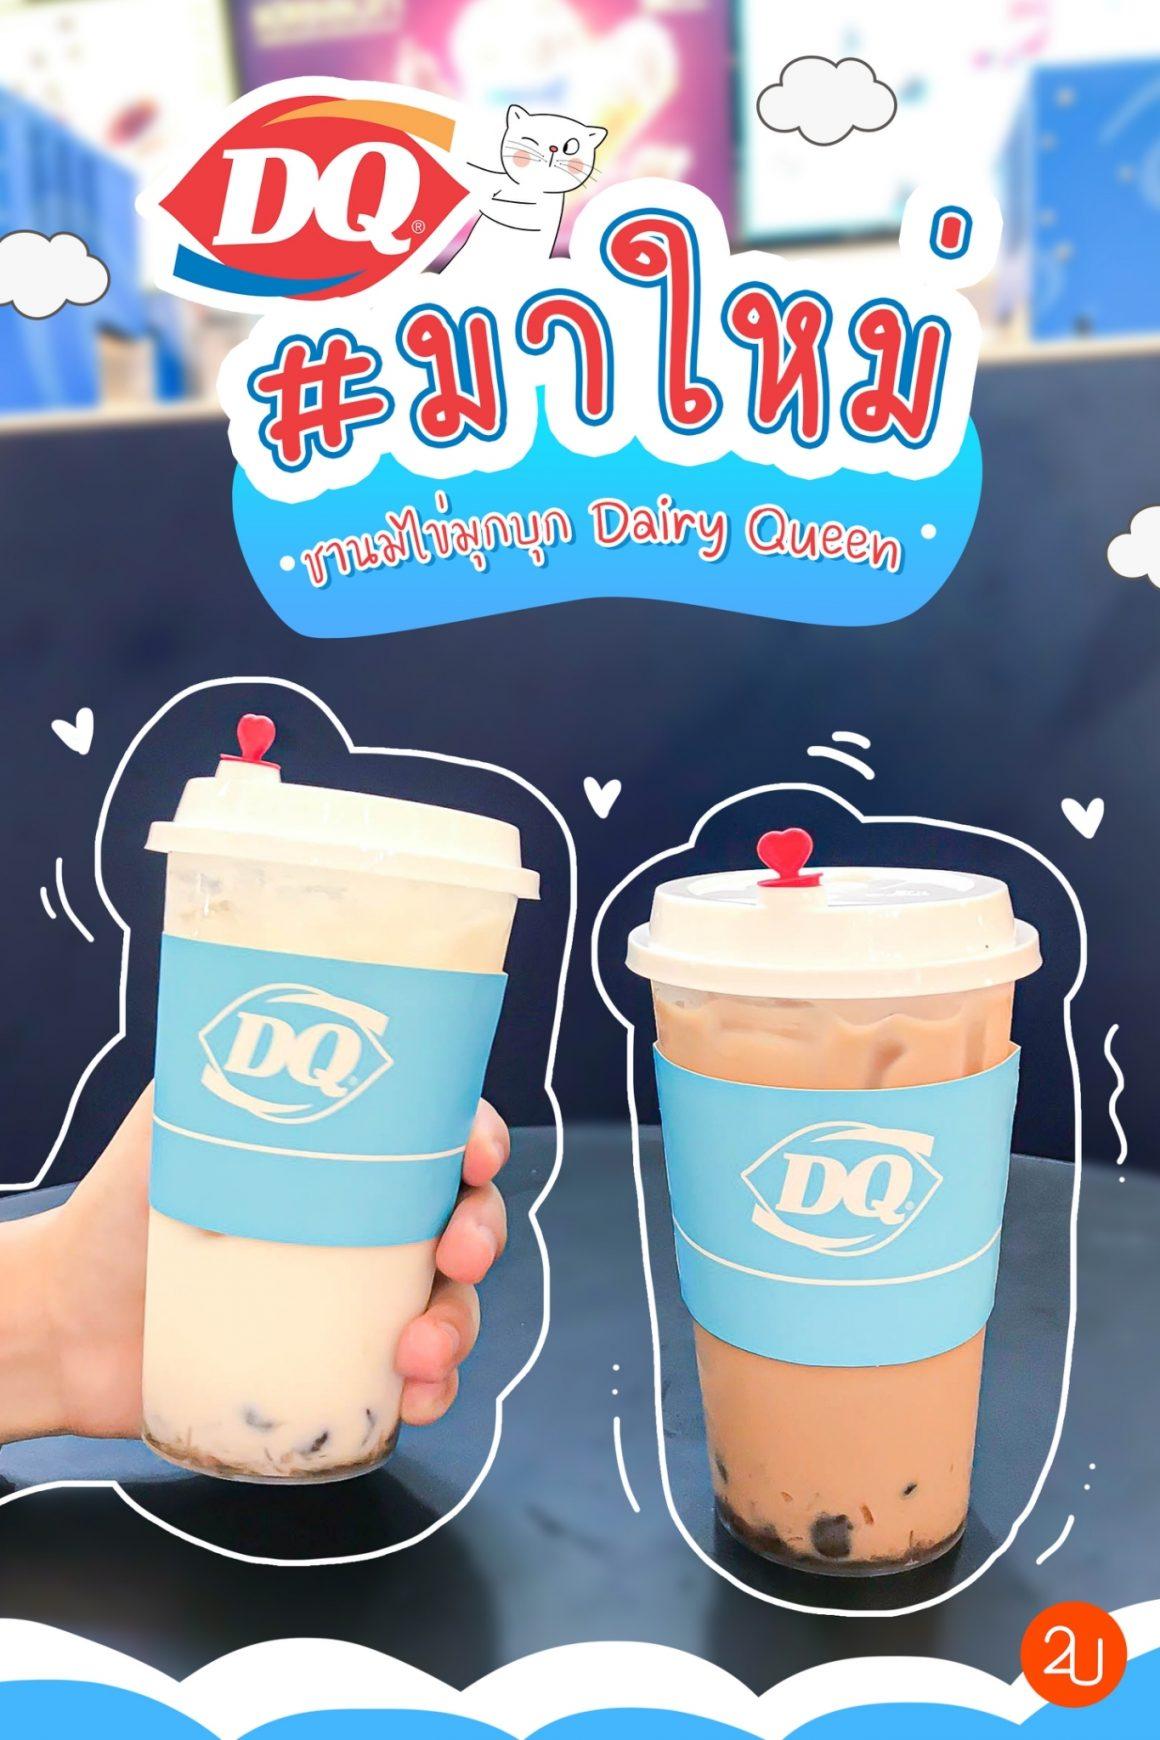 Dairy Boba Milk Tea new menu by Dairy Queen